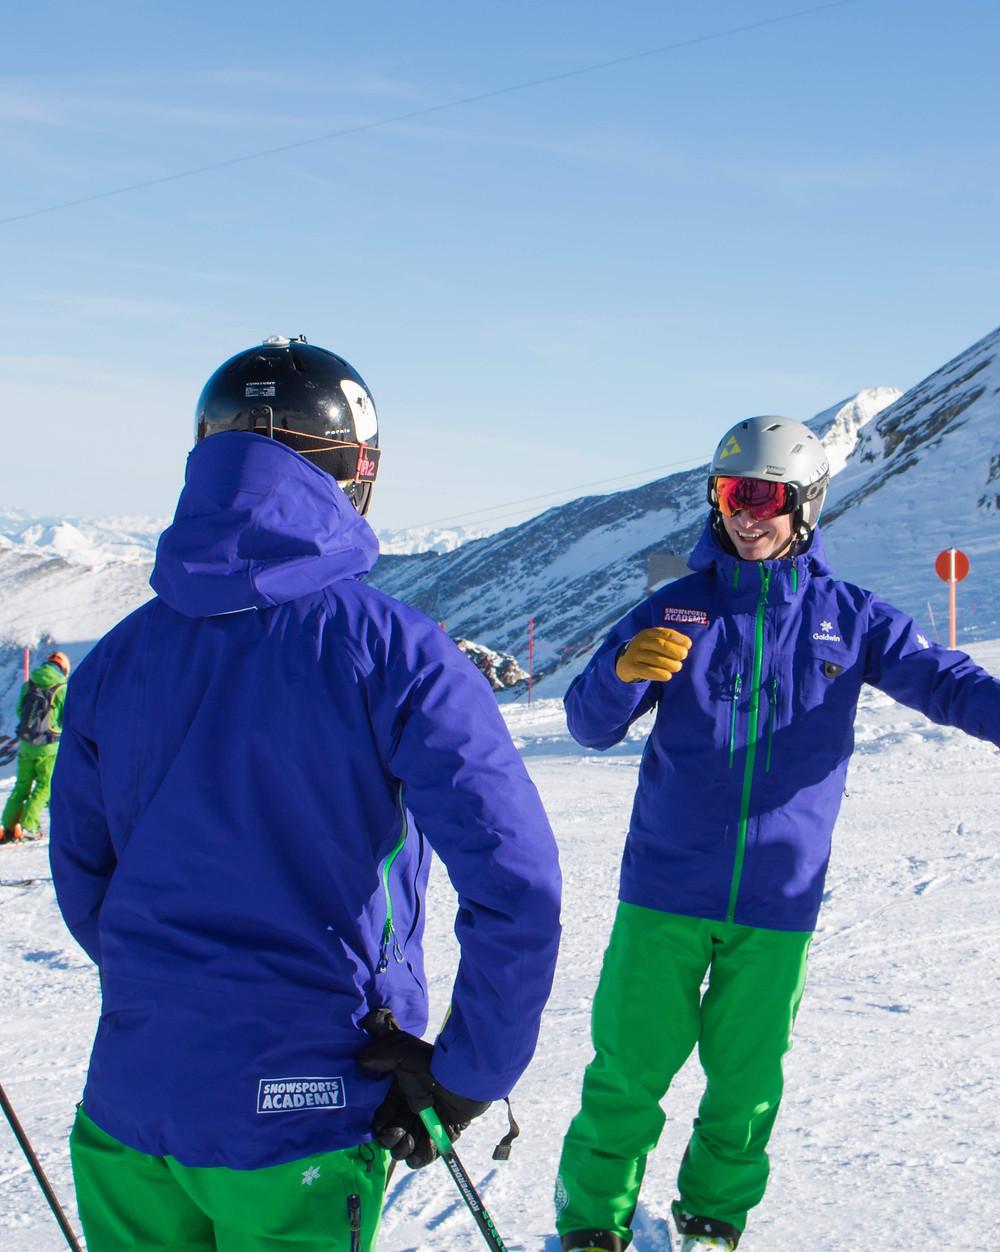 Ausbilder Snowsports Academy bei Skilehrer Anwärter Ausbildung